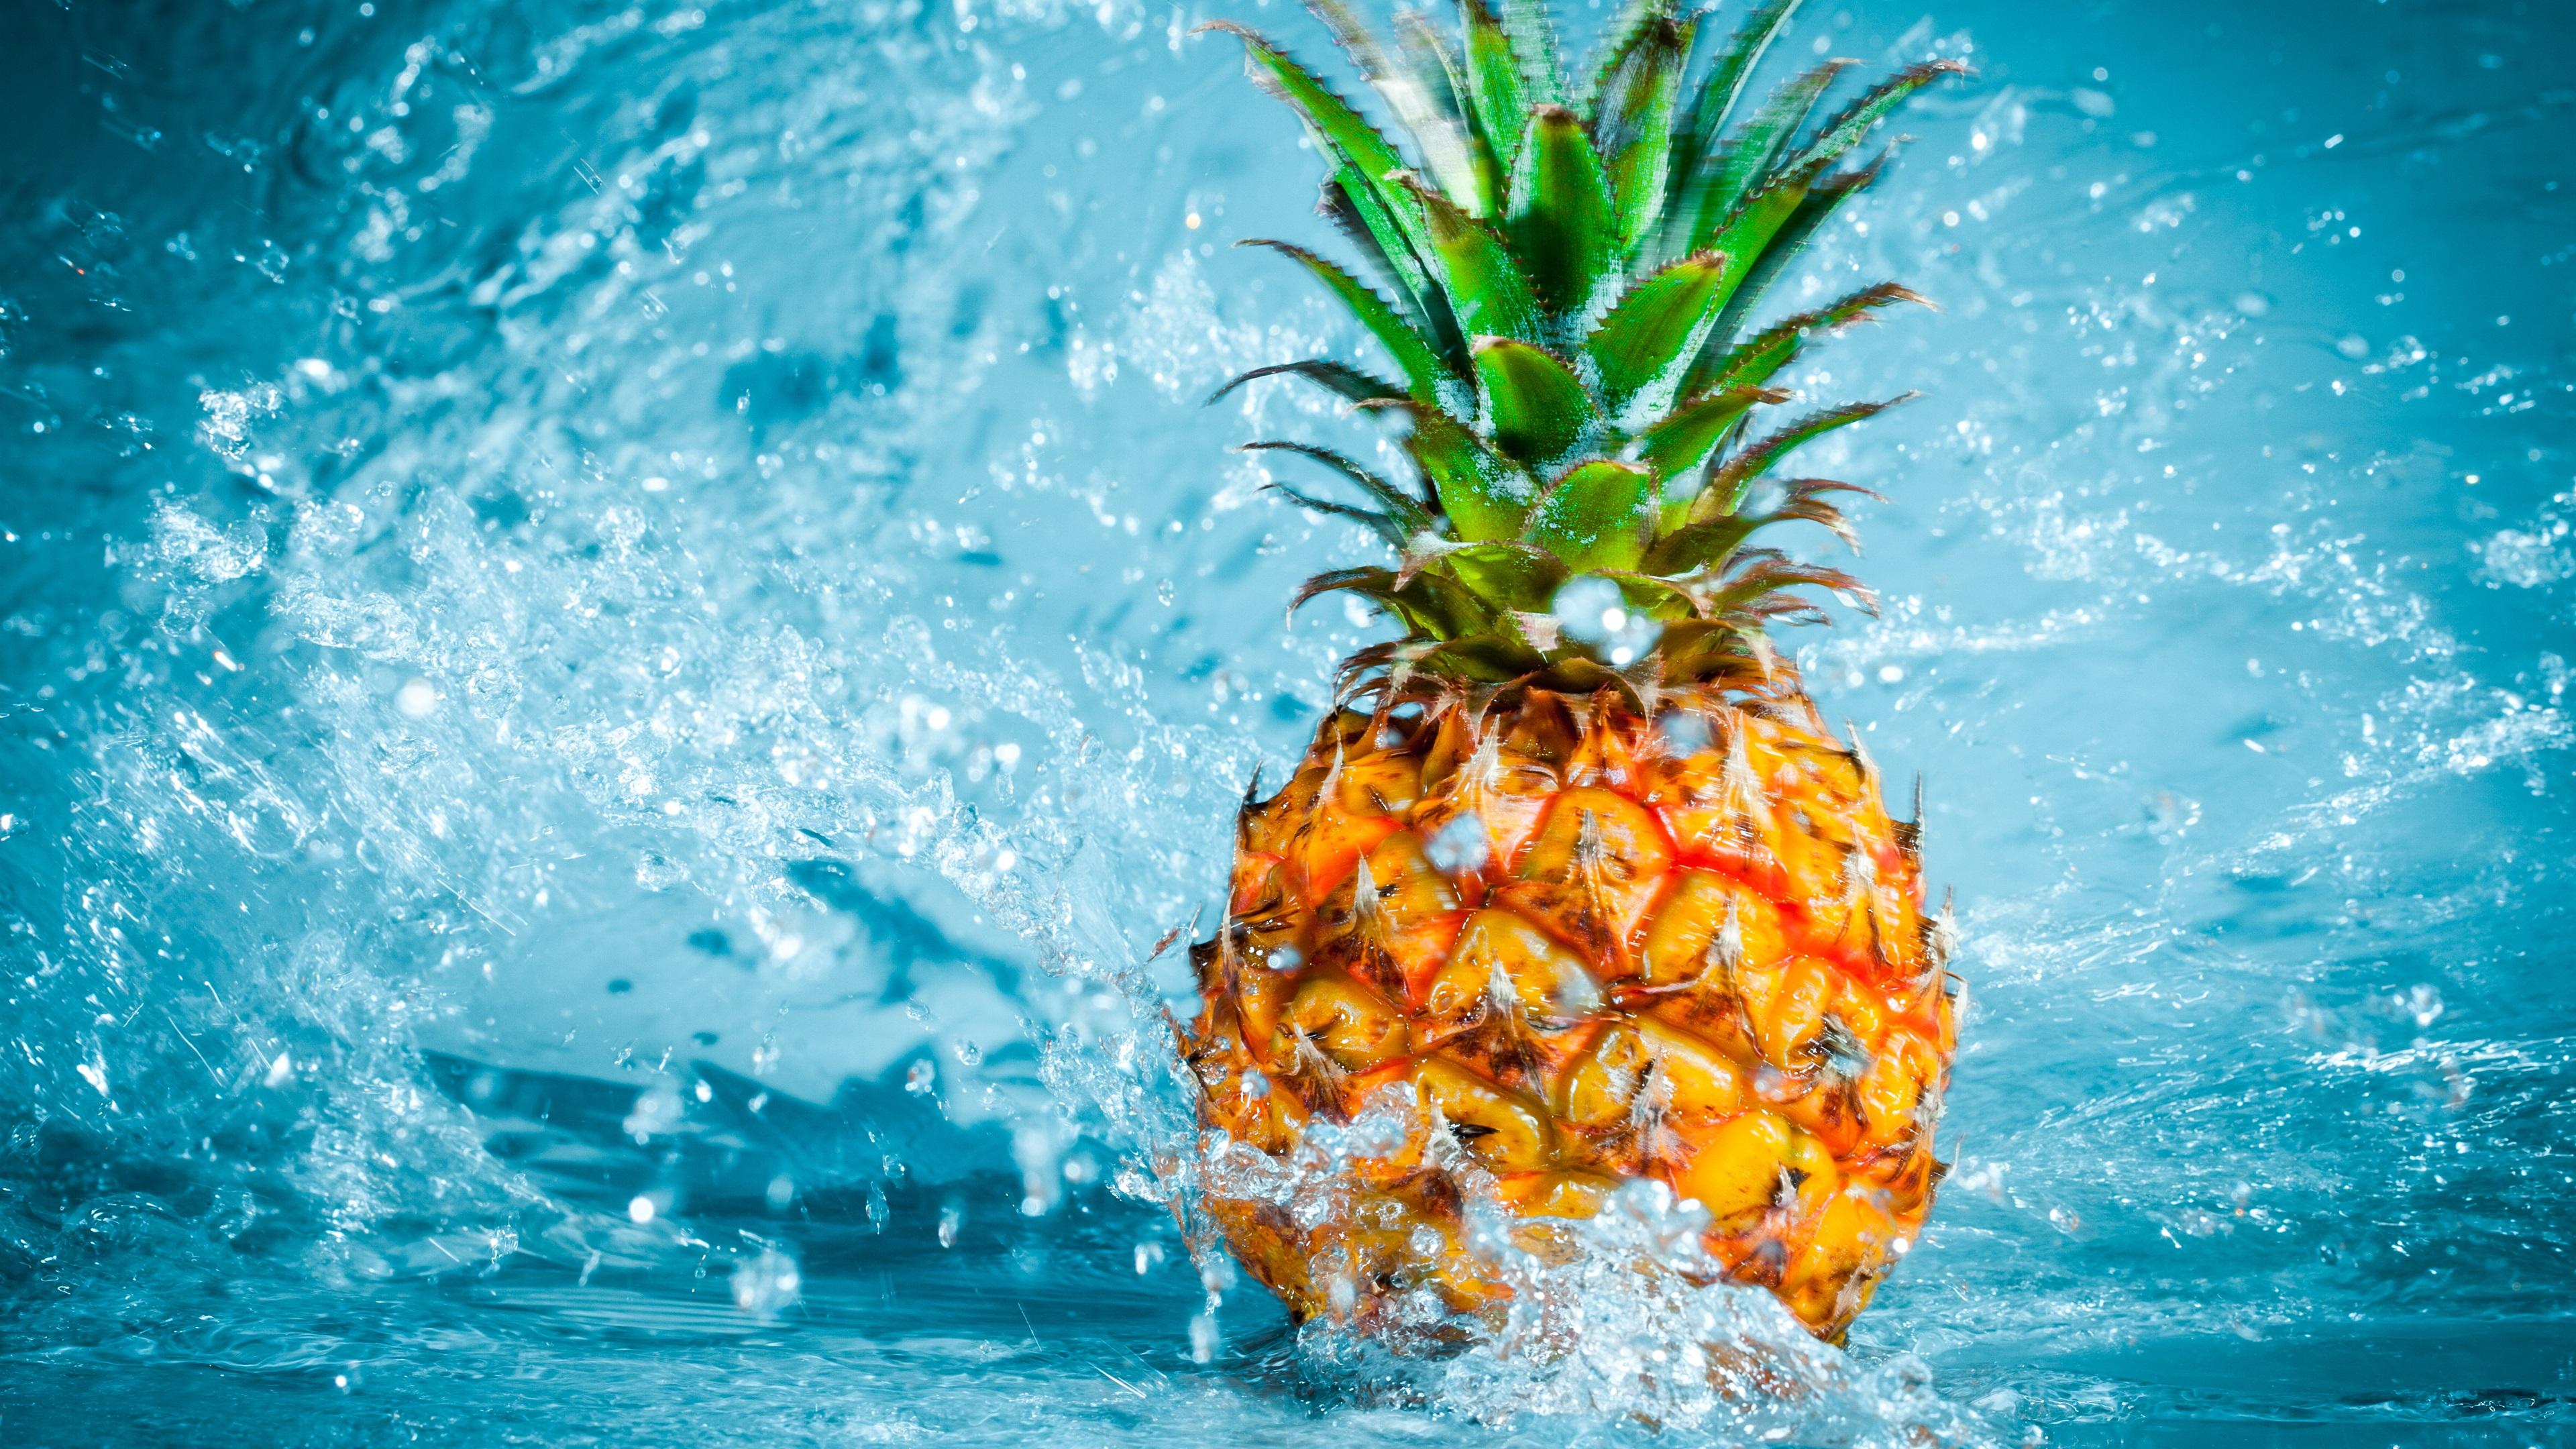 Fonds d 39 cran ananas tombant dans l 39 eau claboussures for Fond ecran ananas